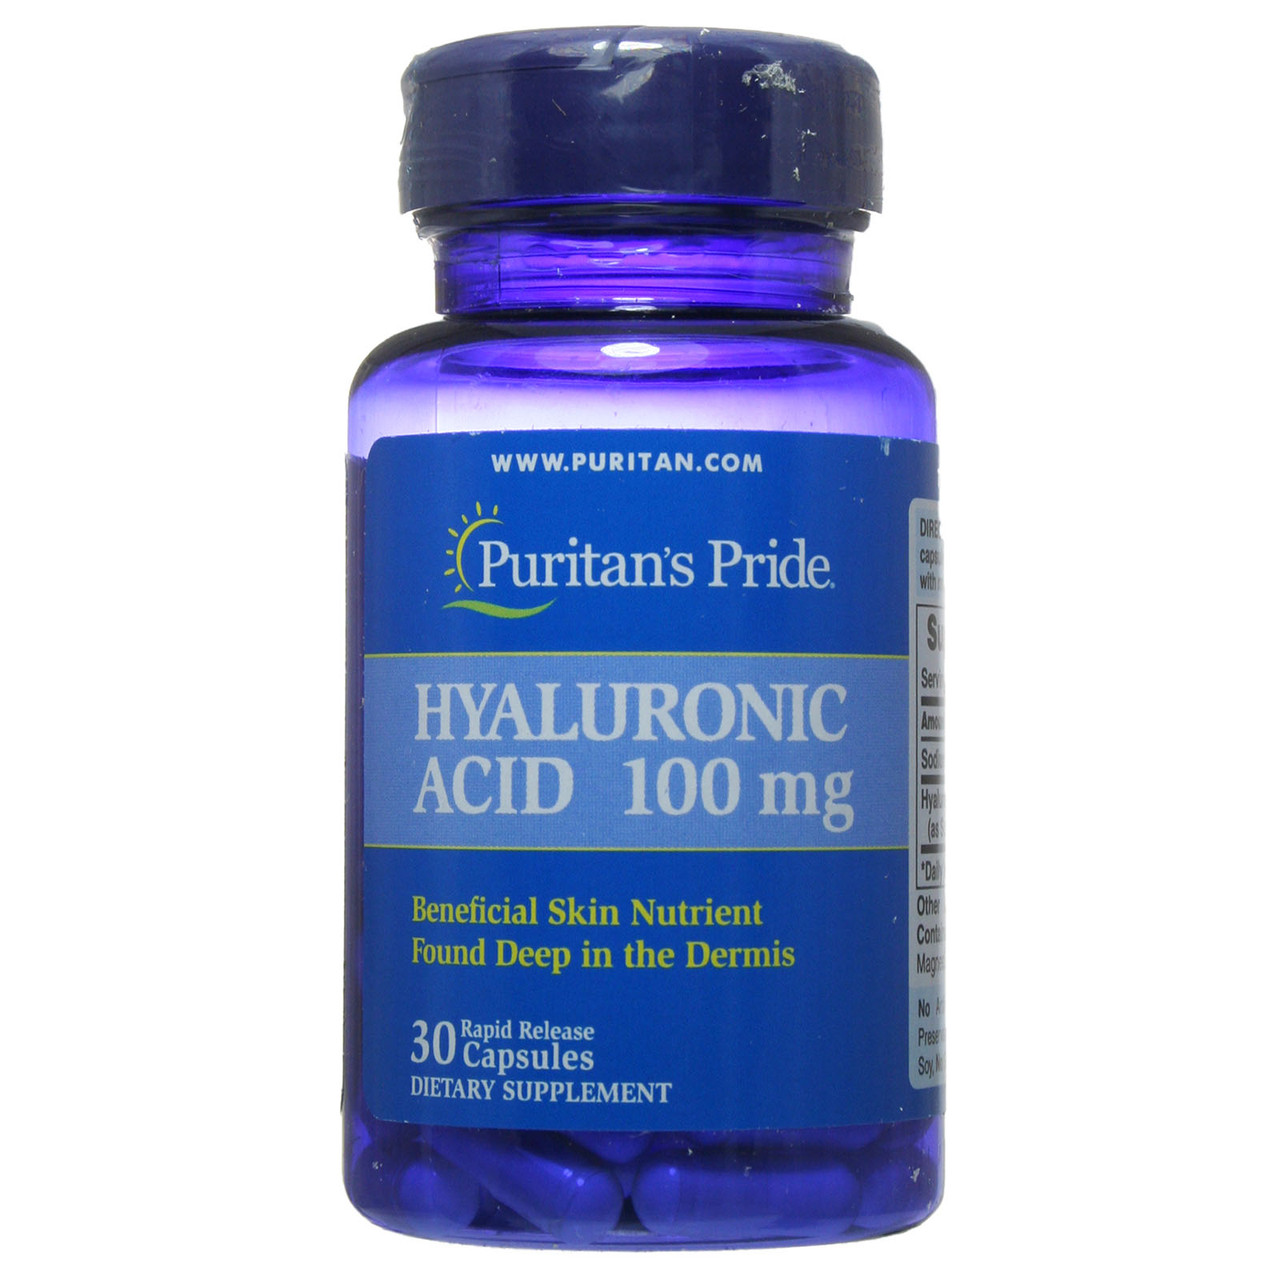 Гиалуроновая кислота, Hyaluronic Acid 100 mg Puritan's Pride, 30 капсул